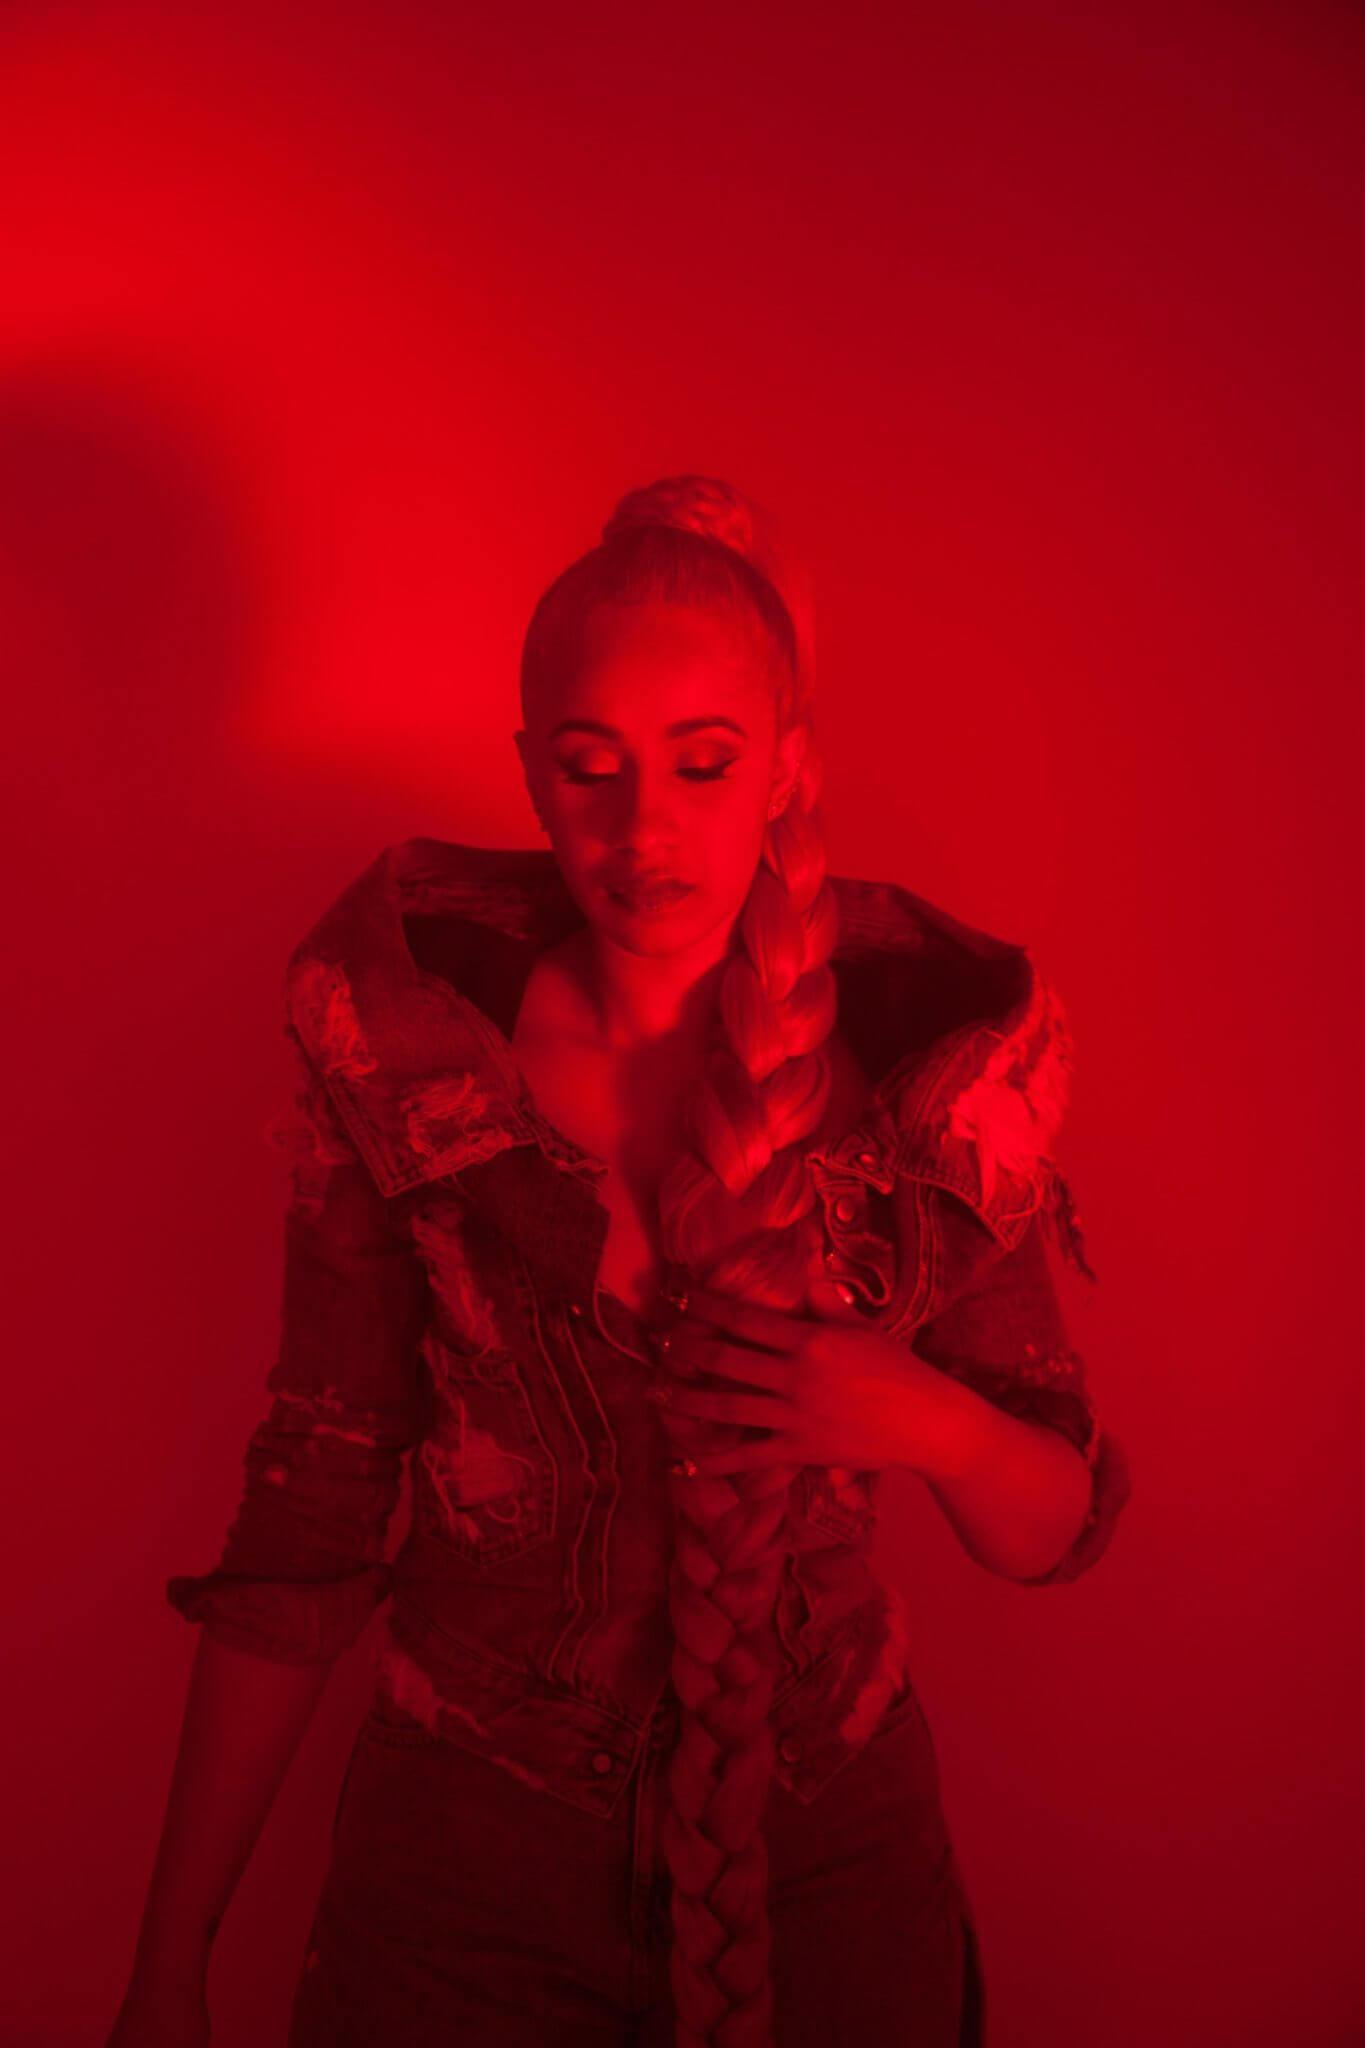 12 lanzamientos recientes que debes escuchar: Cardi B + 21 Savage + Paloma Mami y más